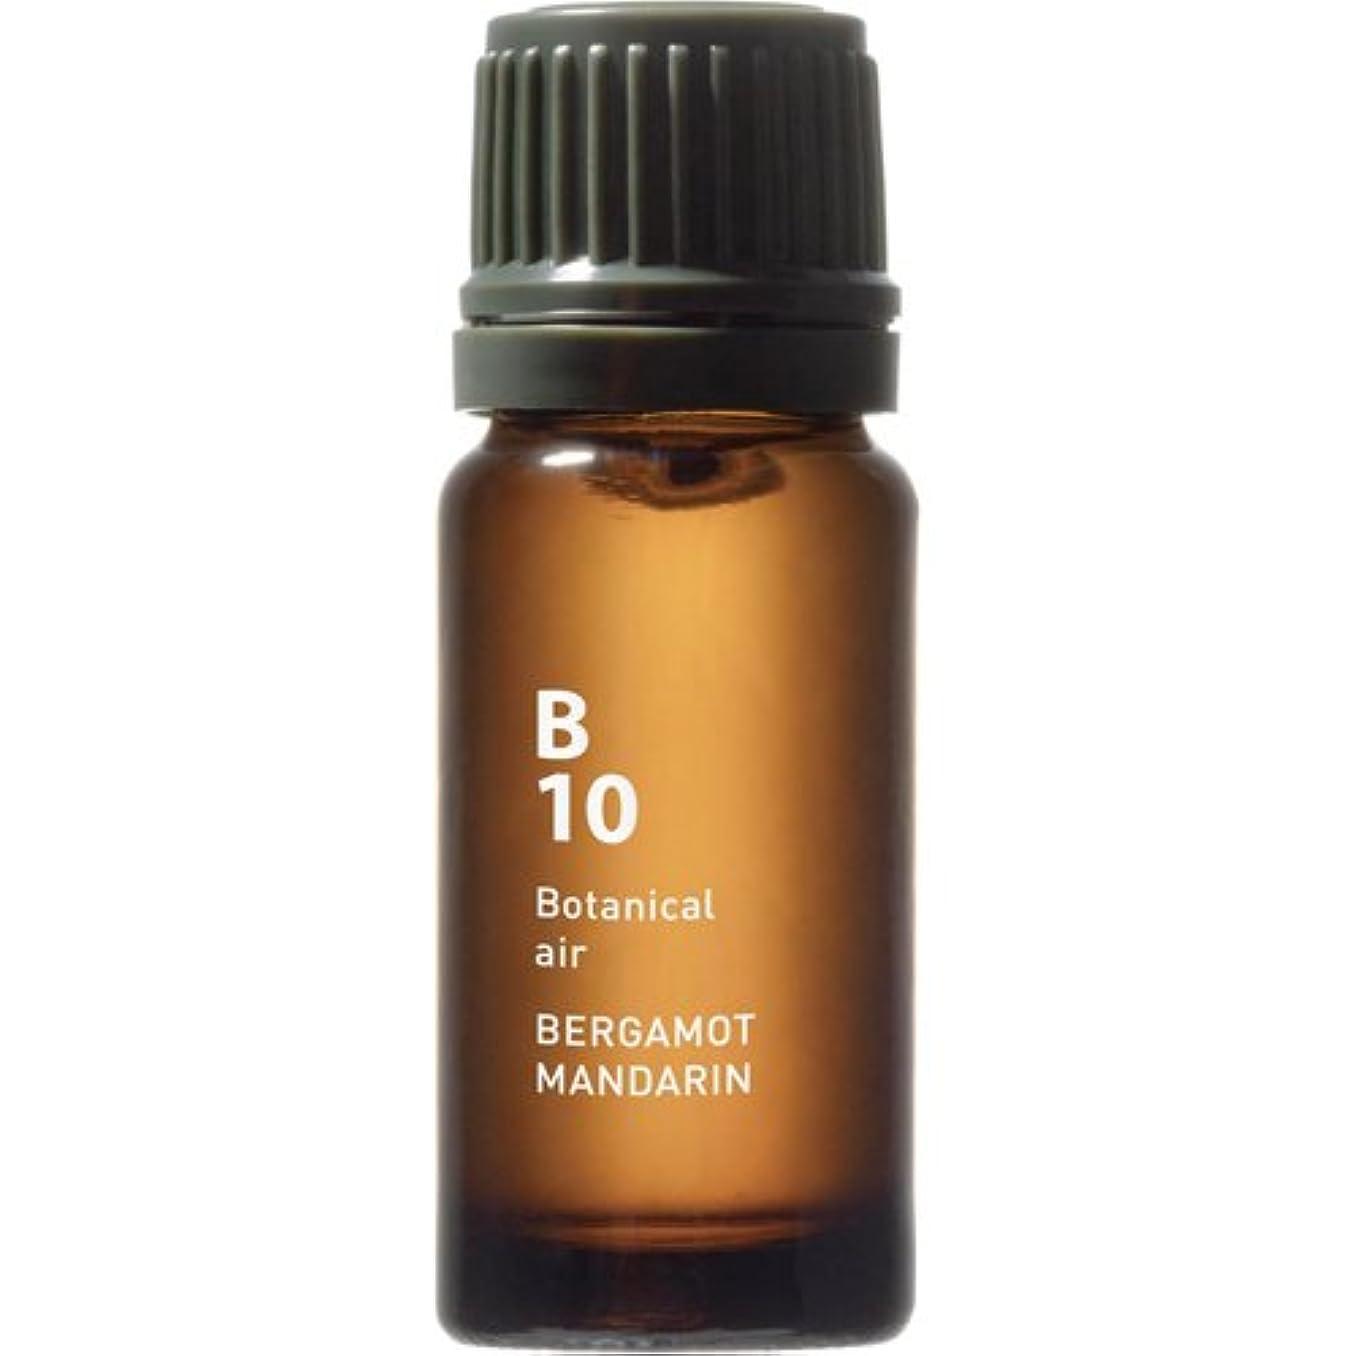 従事した便宜自動化B10 ベルガモットマンダリン Botanical air(ボタニカルエアー) 10ml